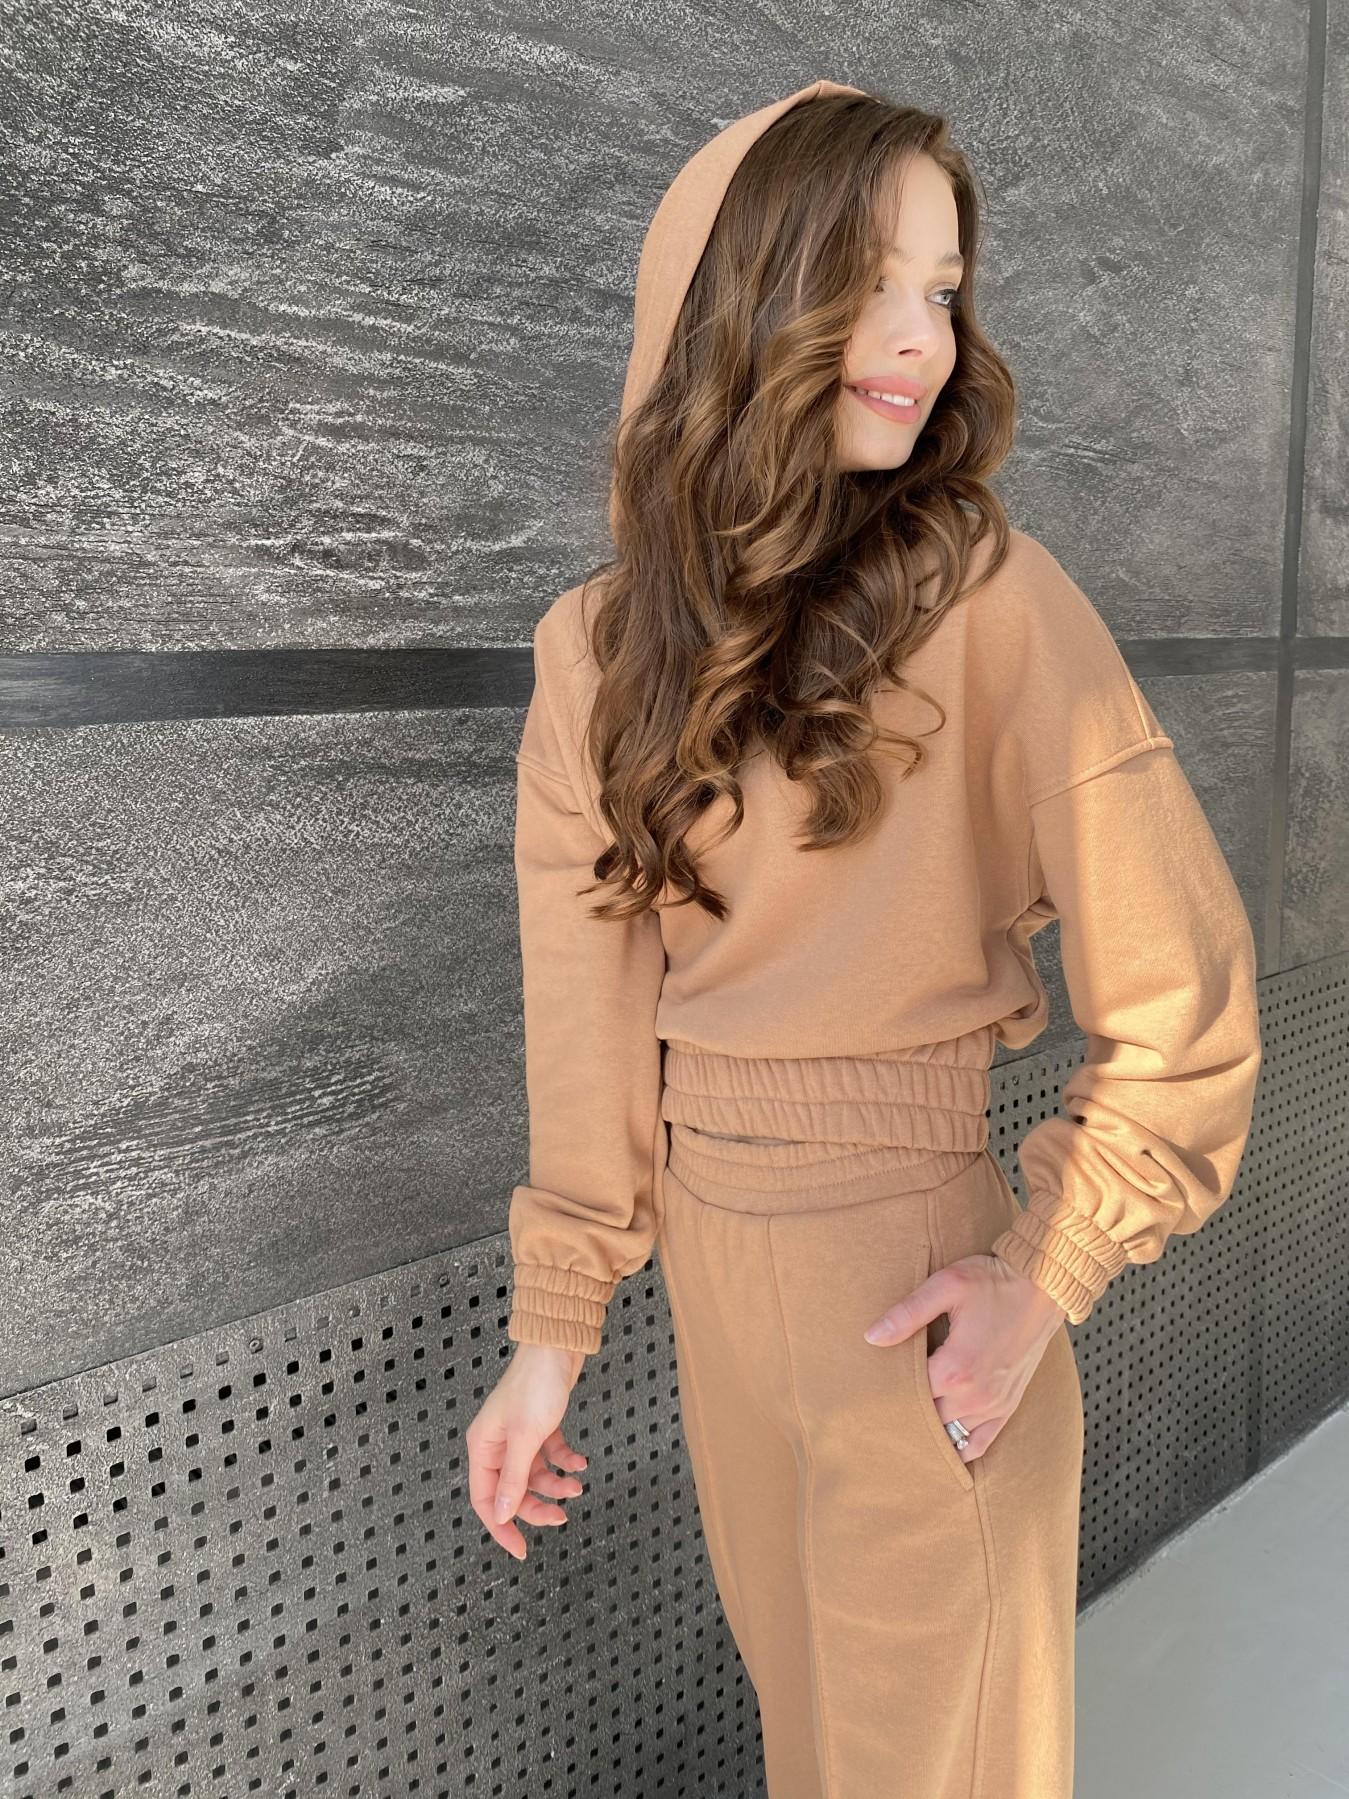 Бейби  прогулочный костюм из 3х нитки 10812 АРТ. 47284 Цвет: Кемел - фото 9, интернет магазин tm-modus.ru